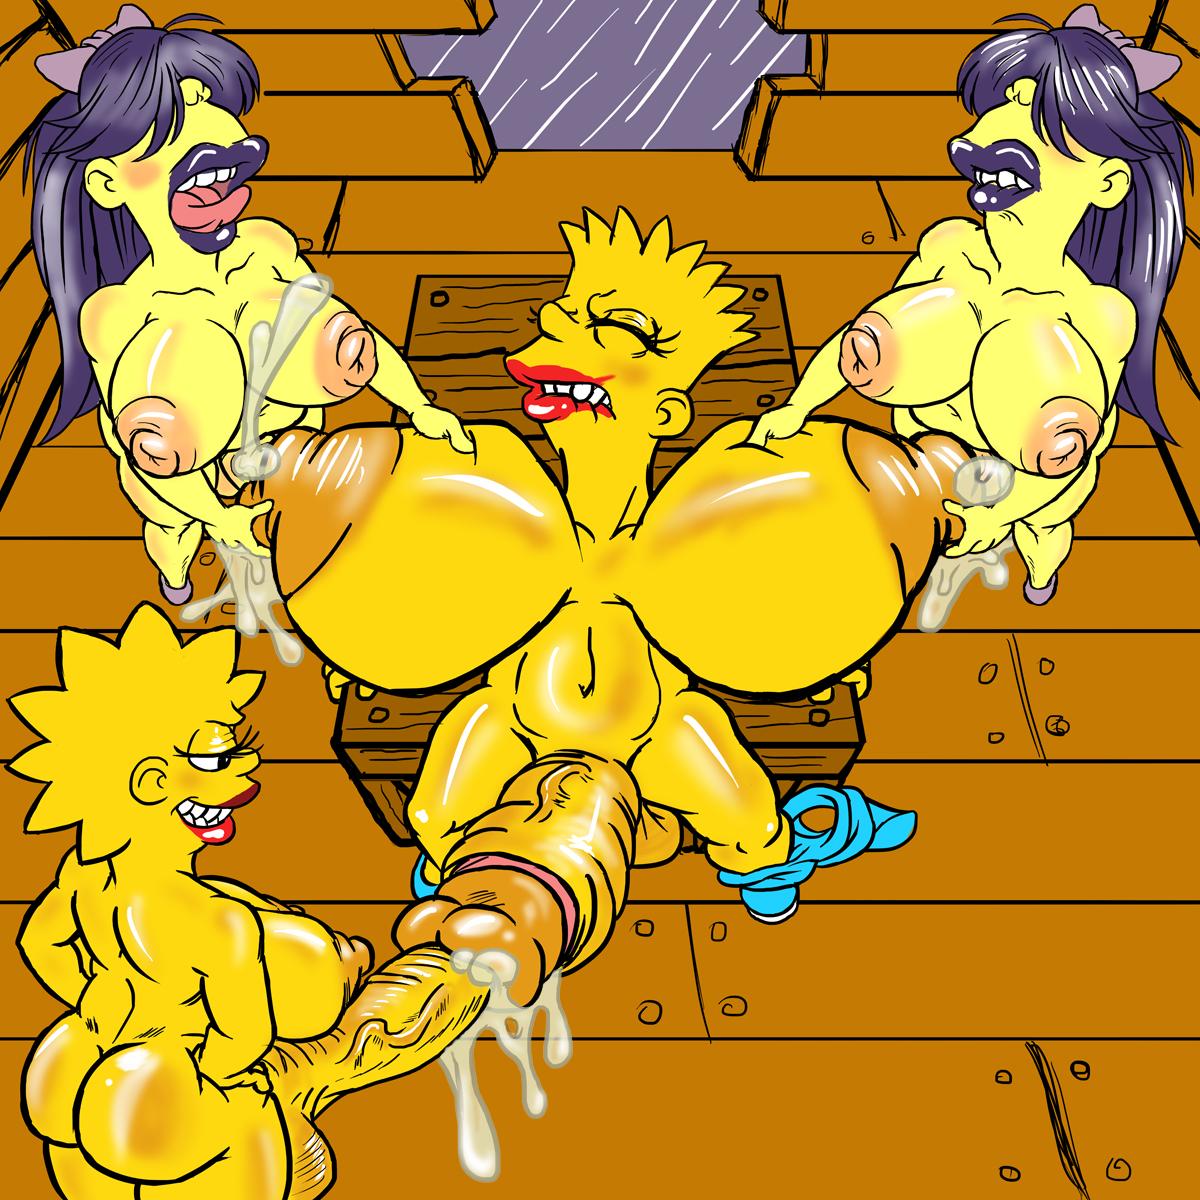 Симпсоны картинки лиза и барт секс 21 фотография